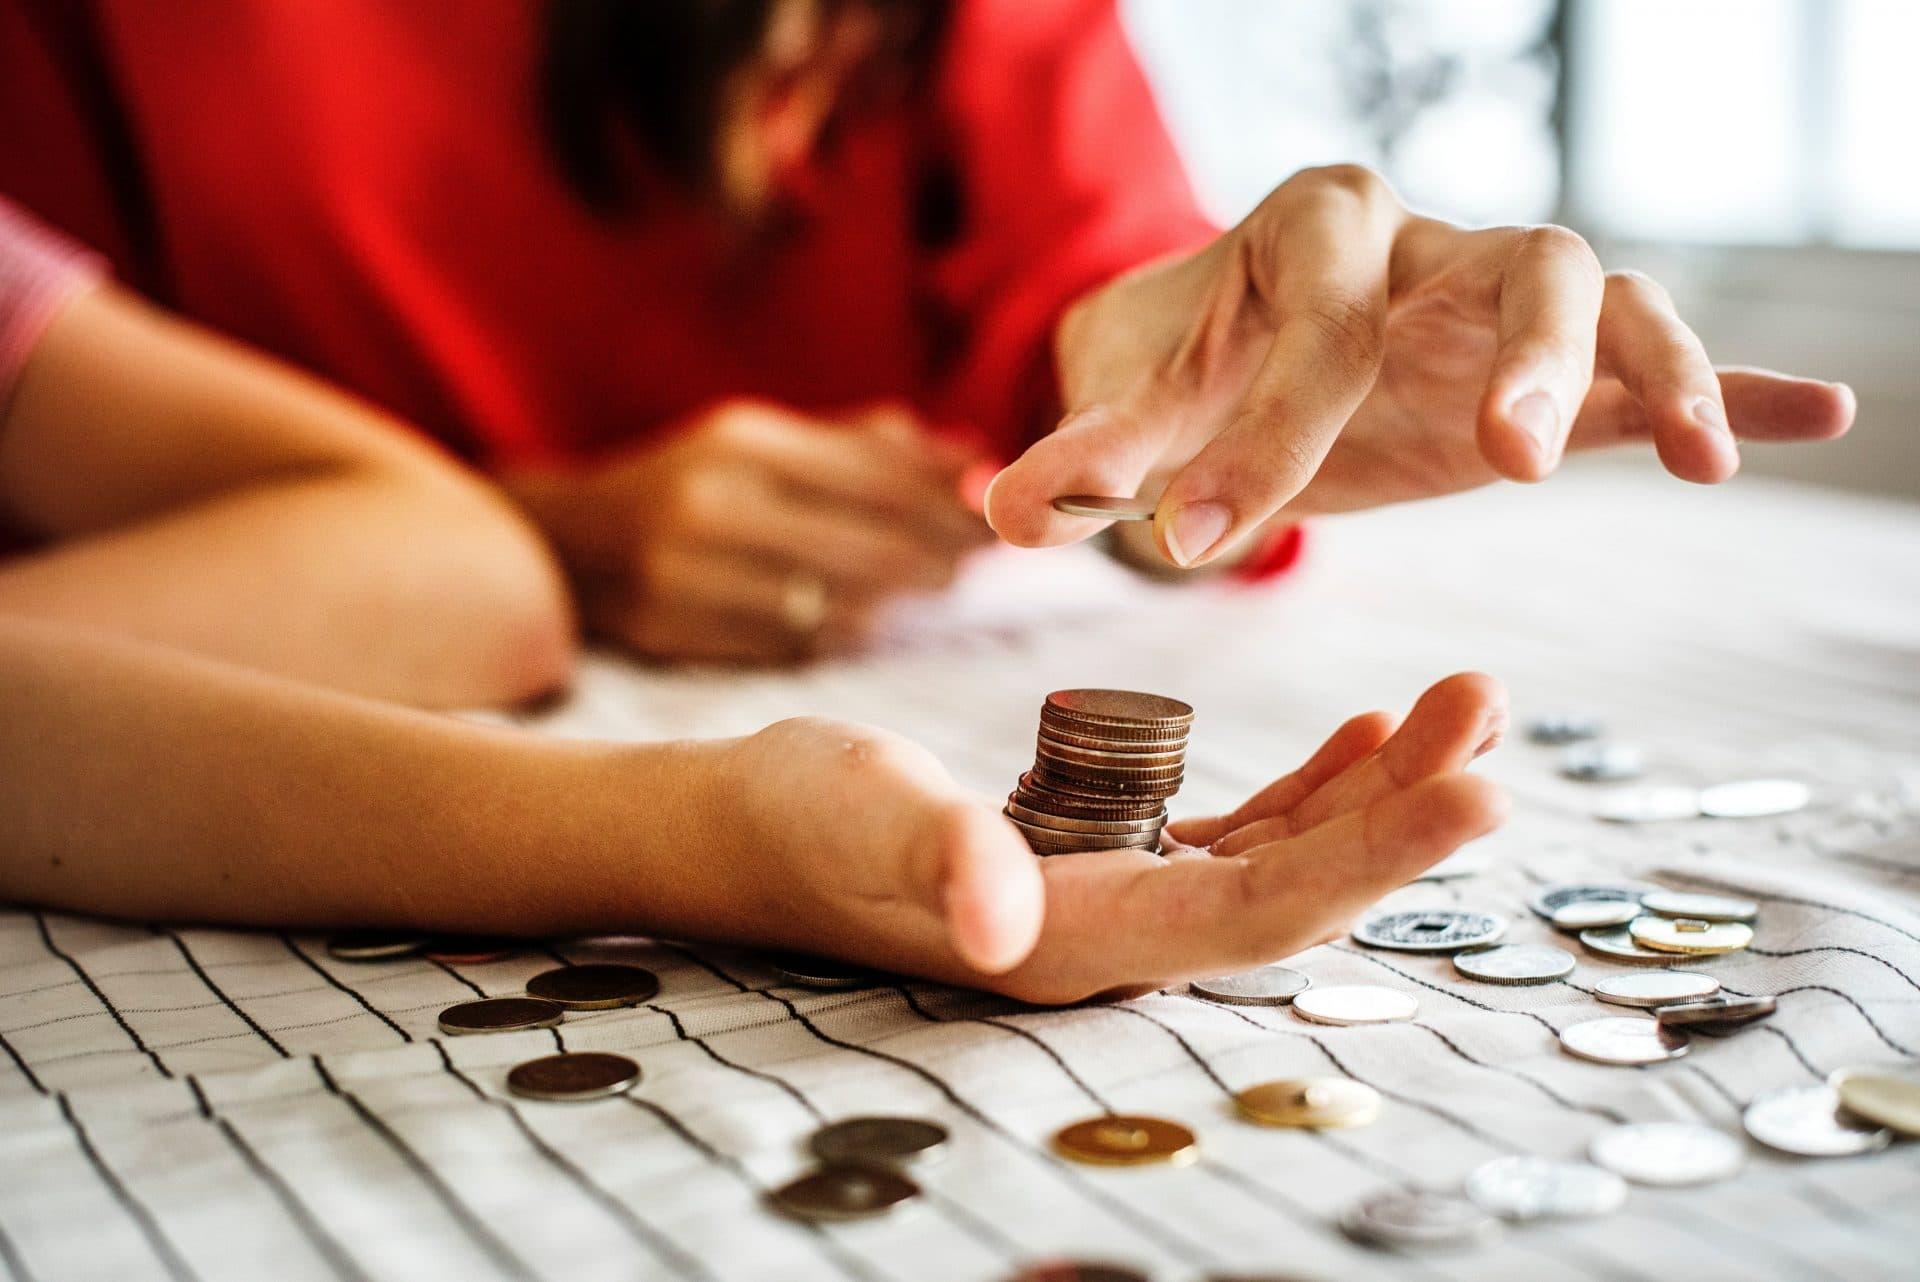 С чего начать инвестиции в криптовалюты